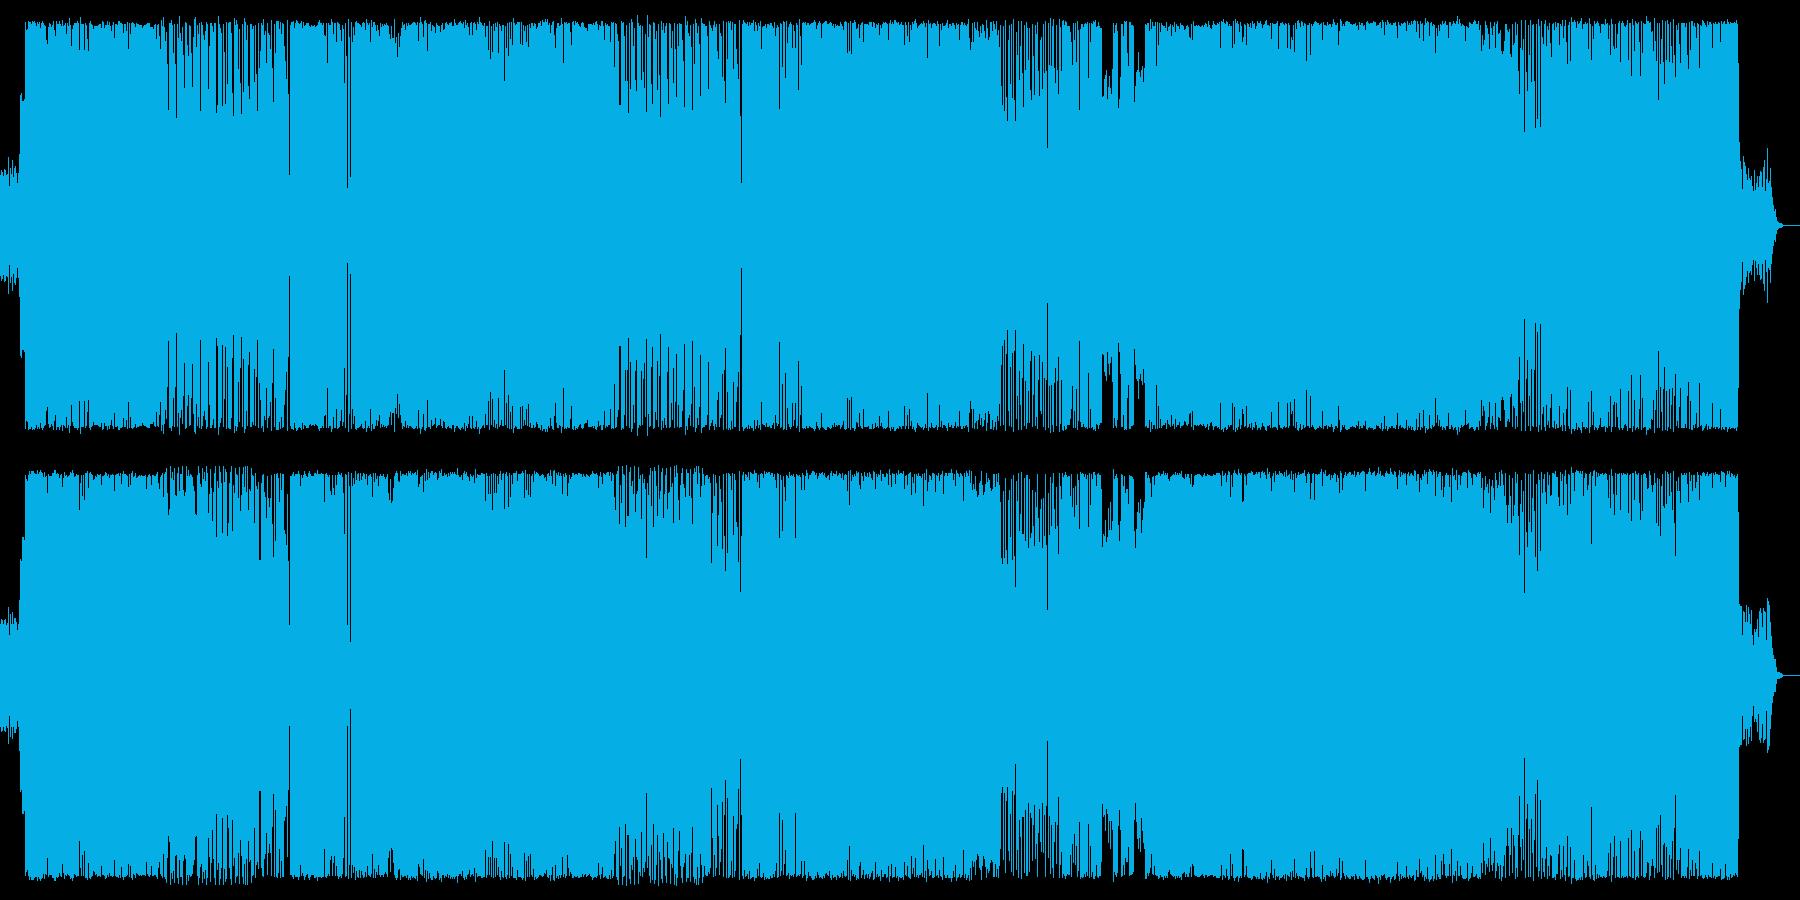 【ヘビネス】重厚で攻撃的、疾走感有りの再生済みの波形